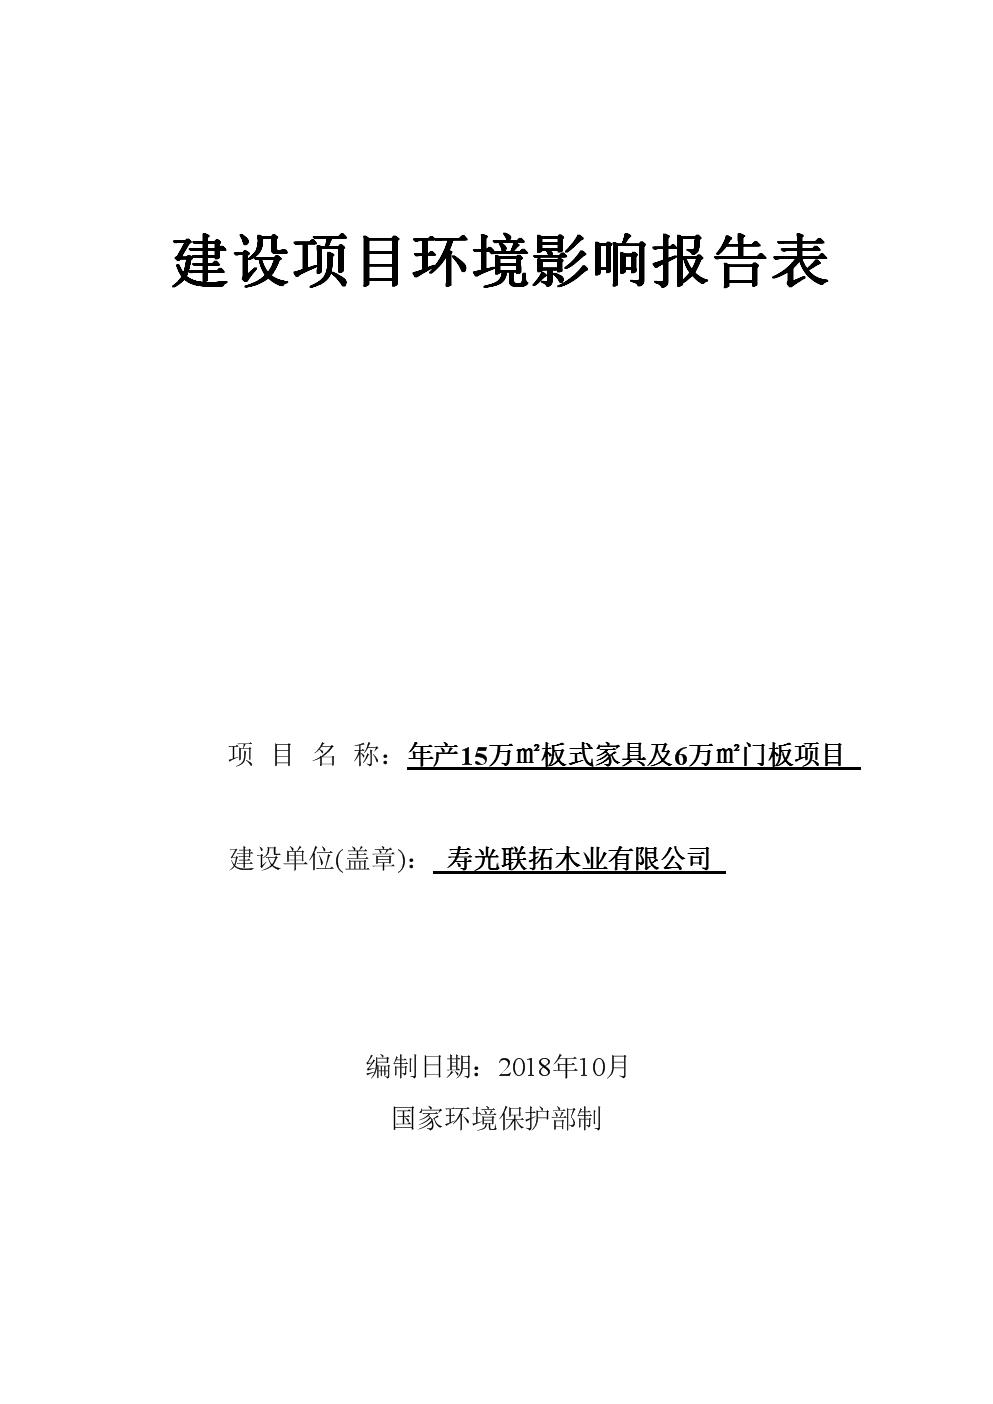 年产15万㎡板式家具及6万㎡门板项目环境影响报告表.doc